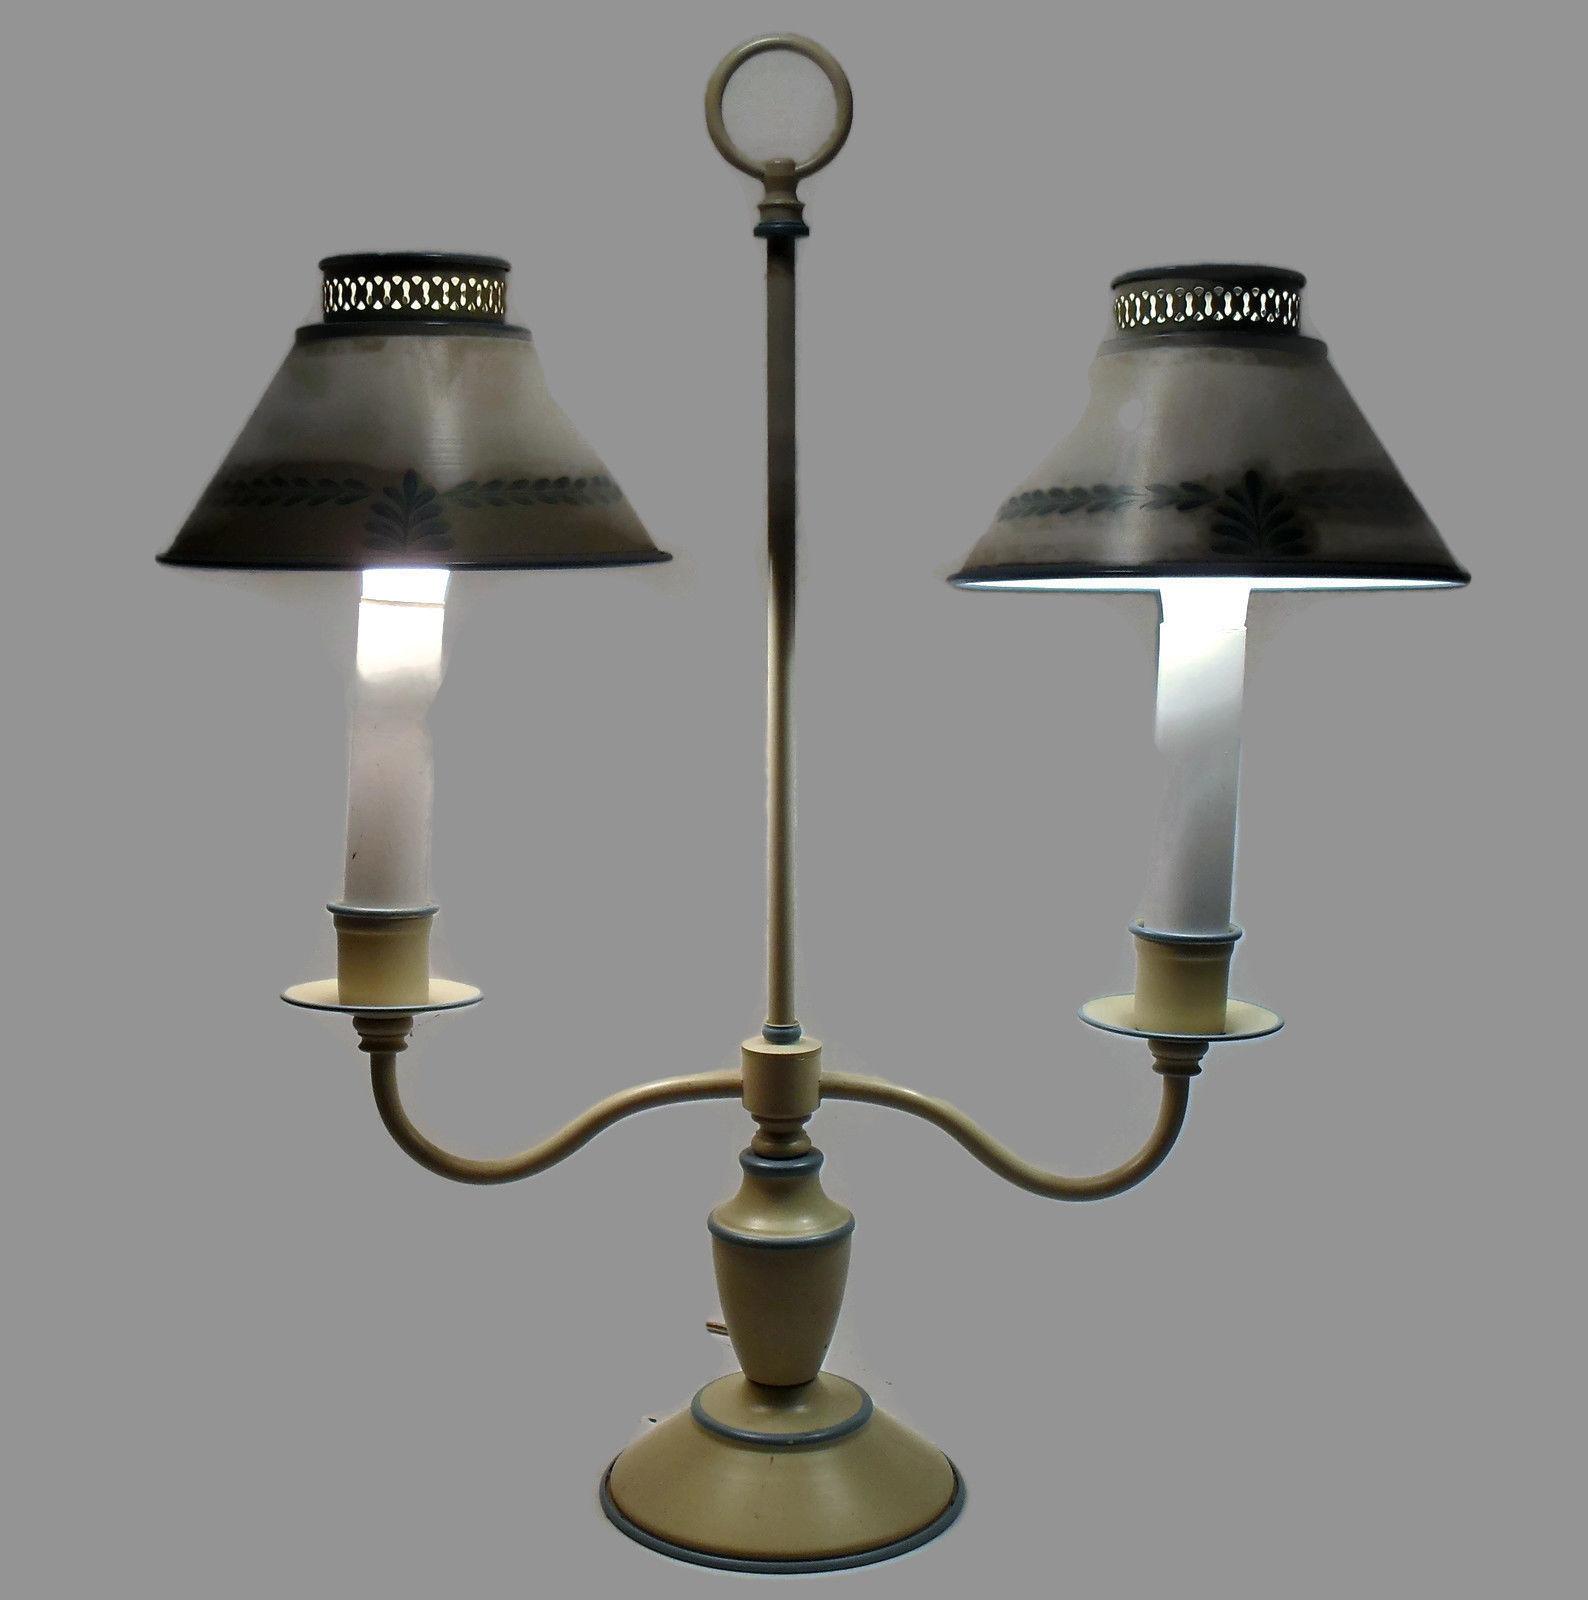 Table Lamps For Desks : Toleware vintage metal desk table accent lamp lamps